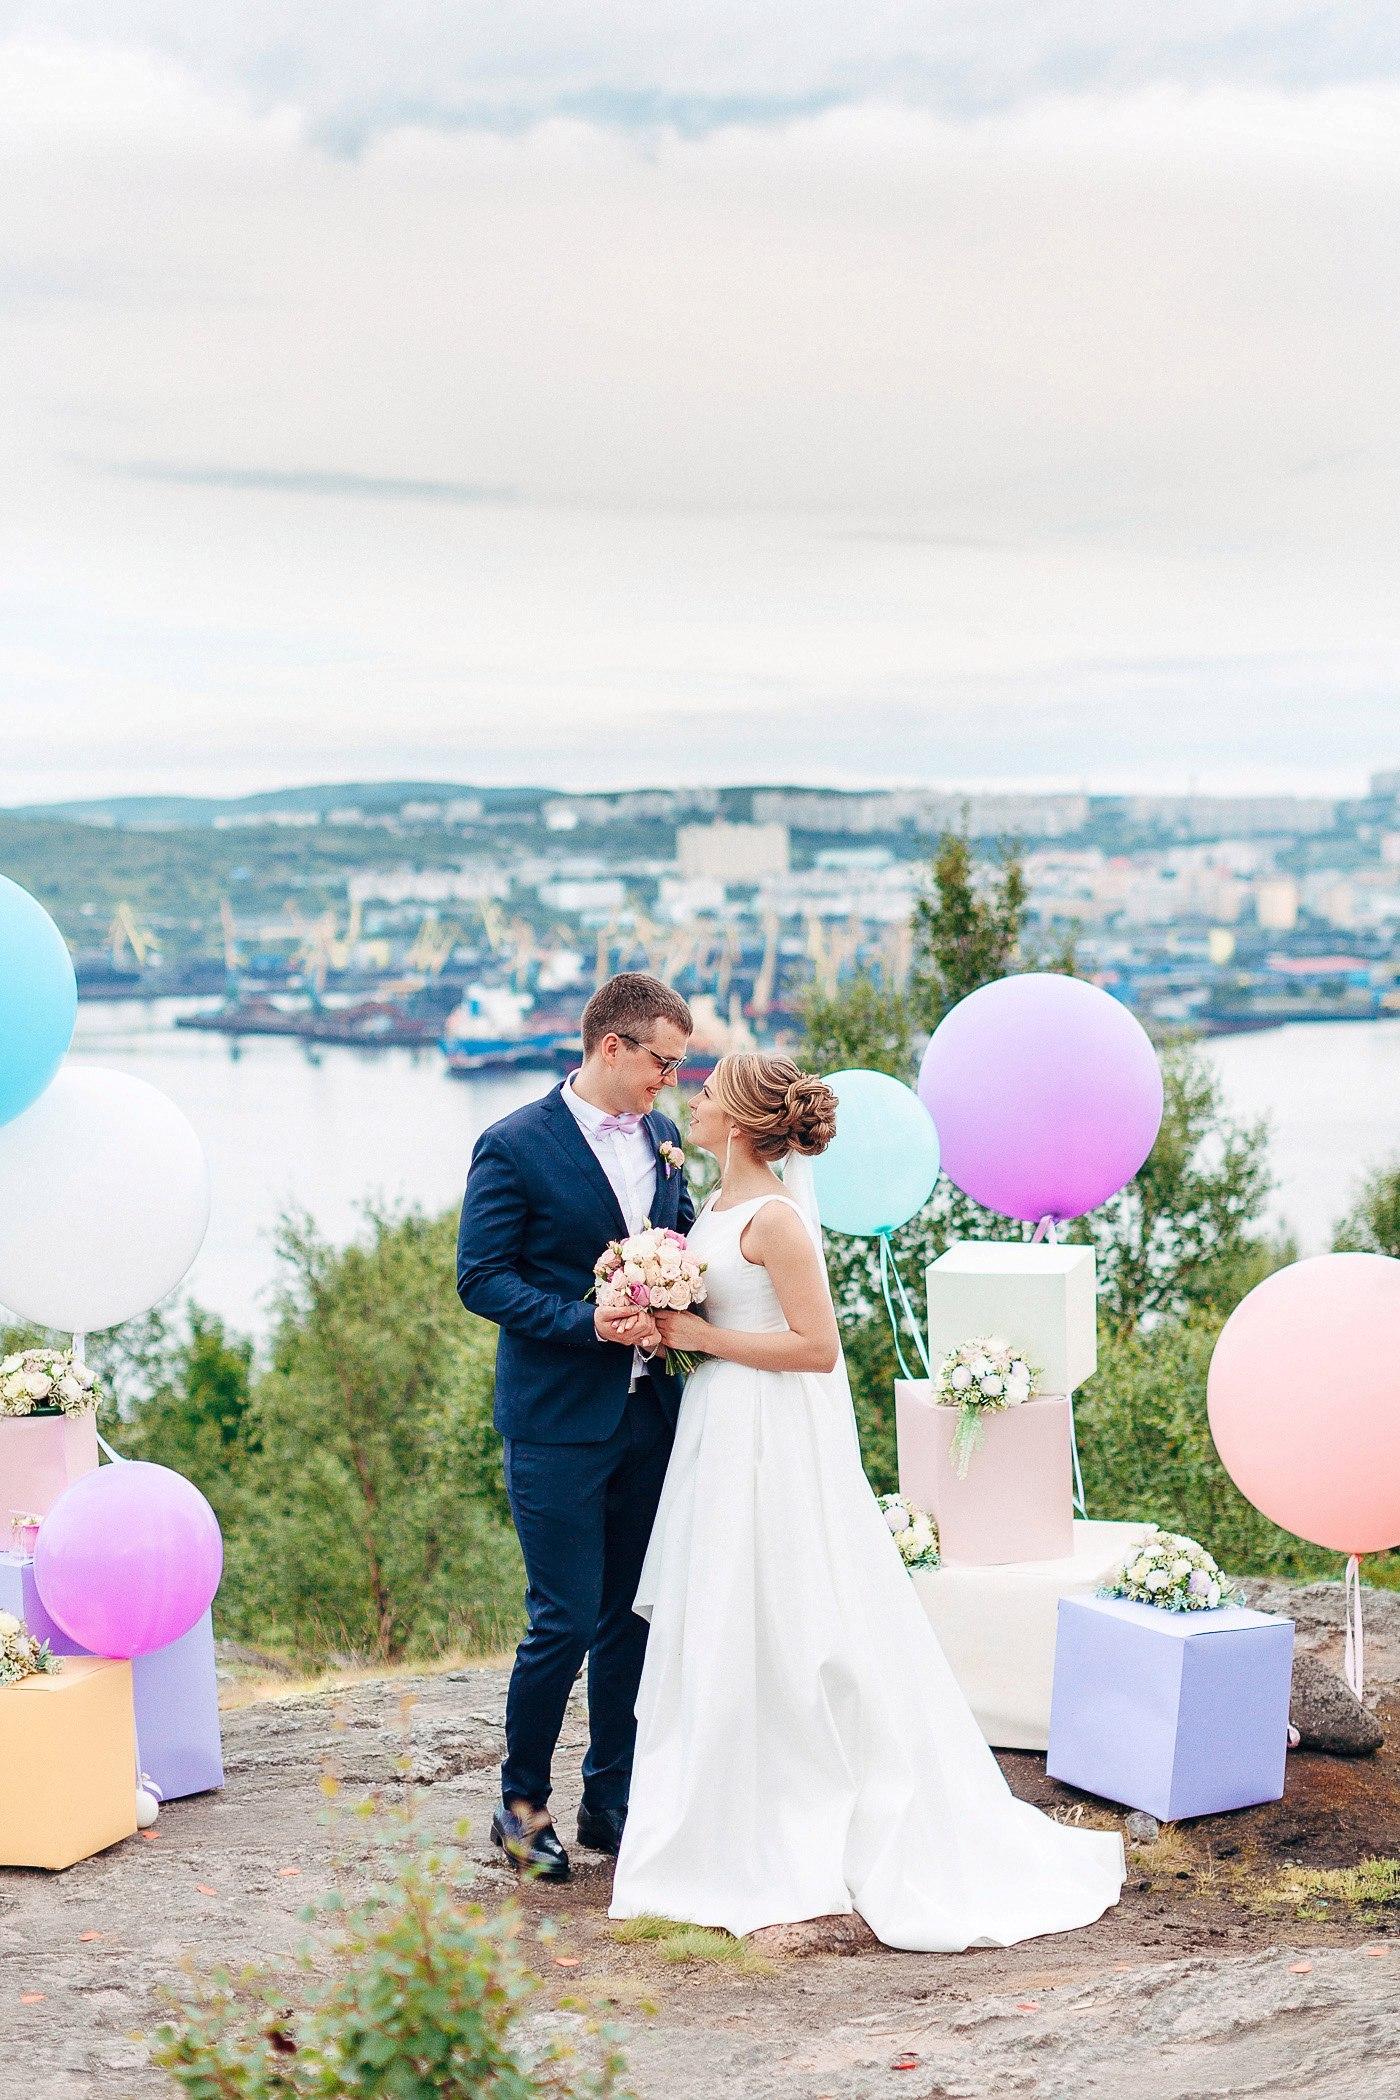 фотографии с мурманских свадеб рассказала, что